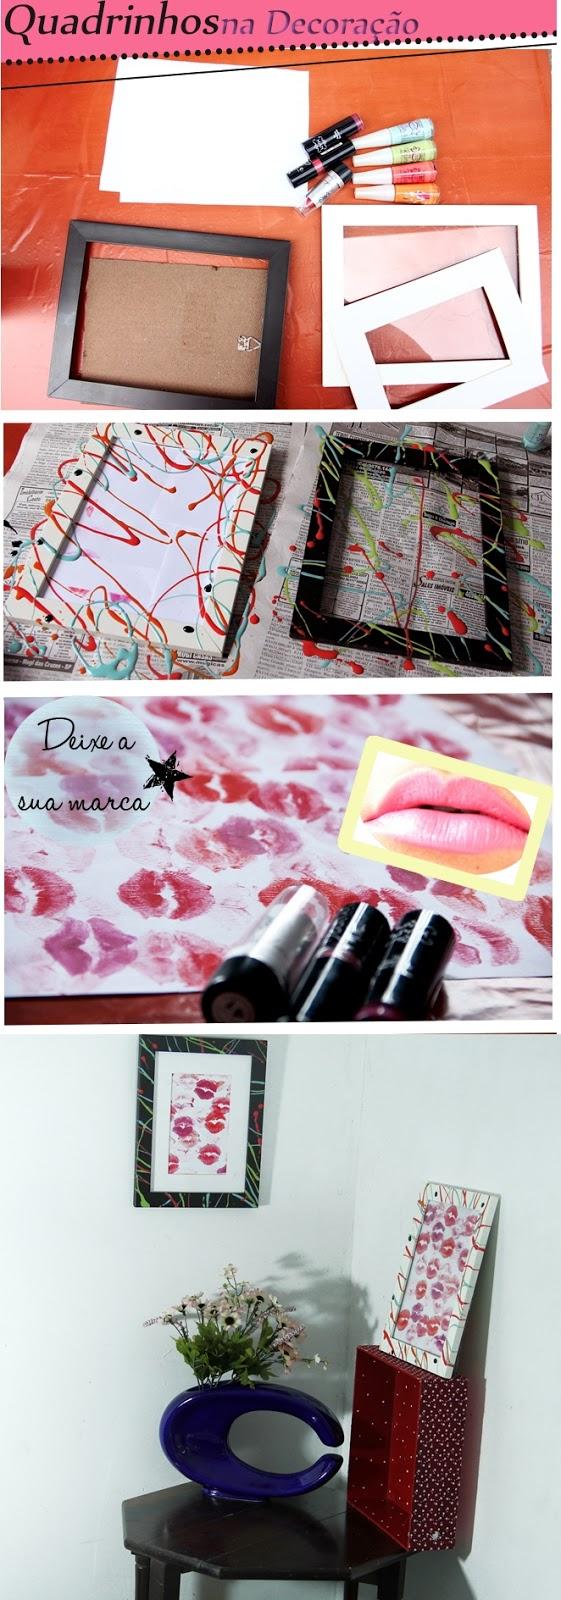 quadro-decorado-esmalte